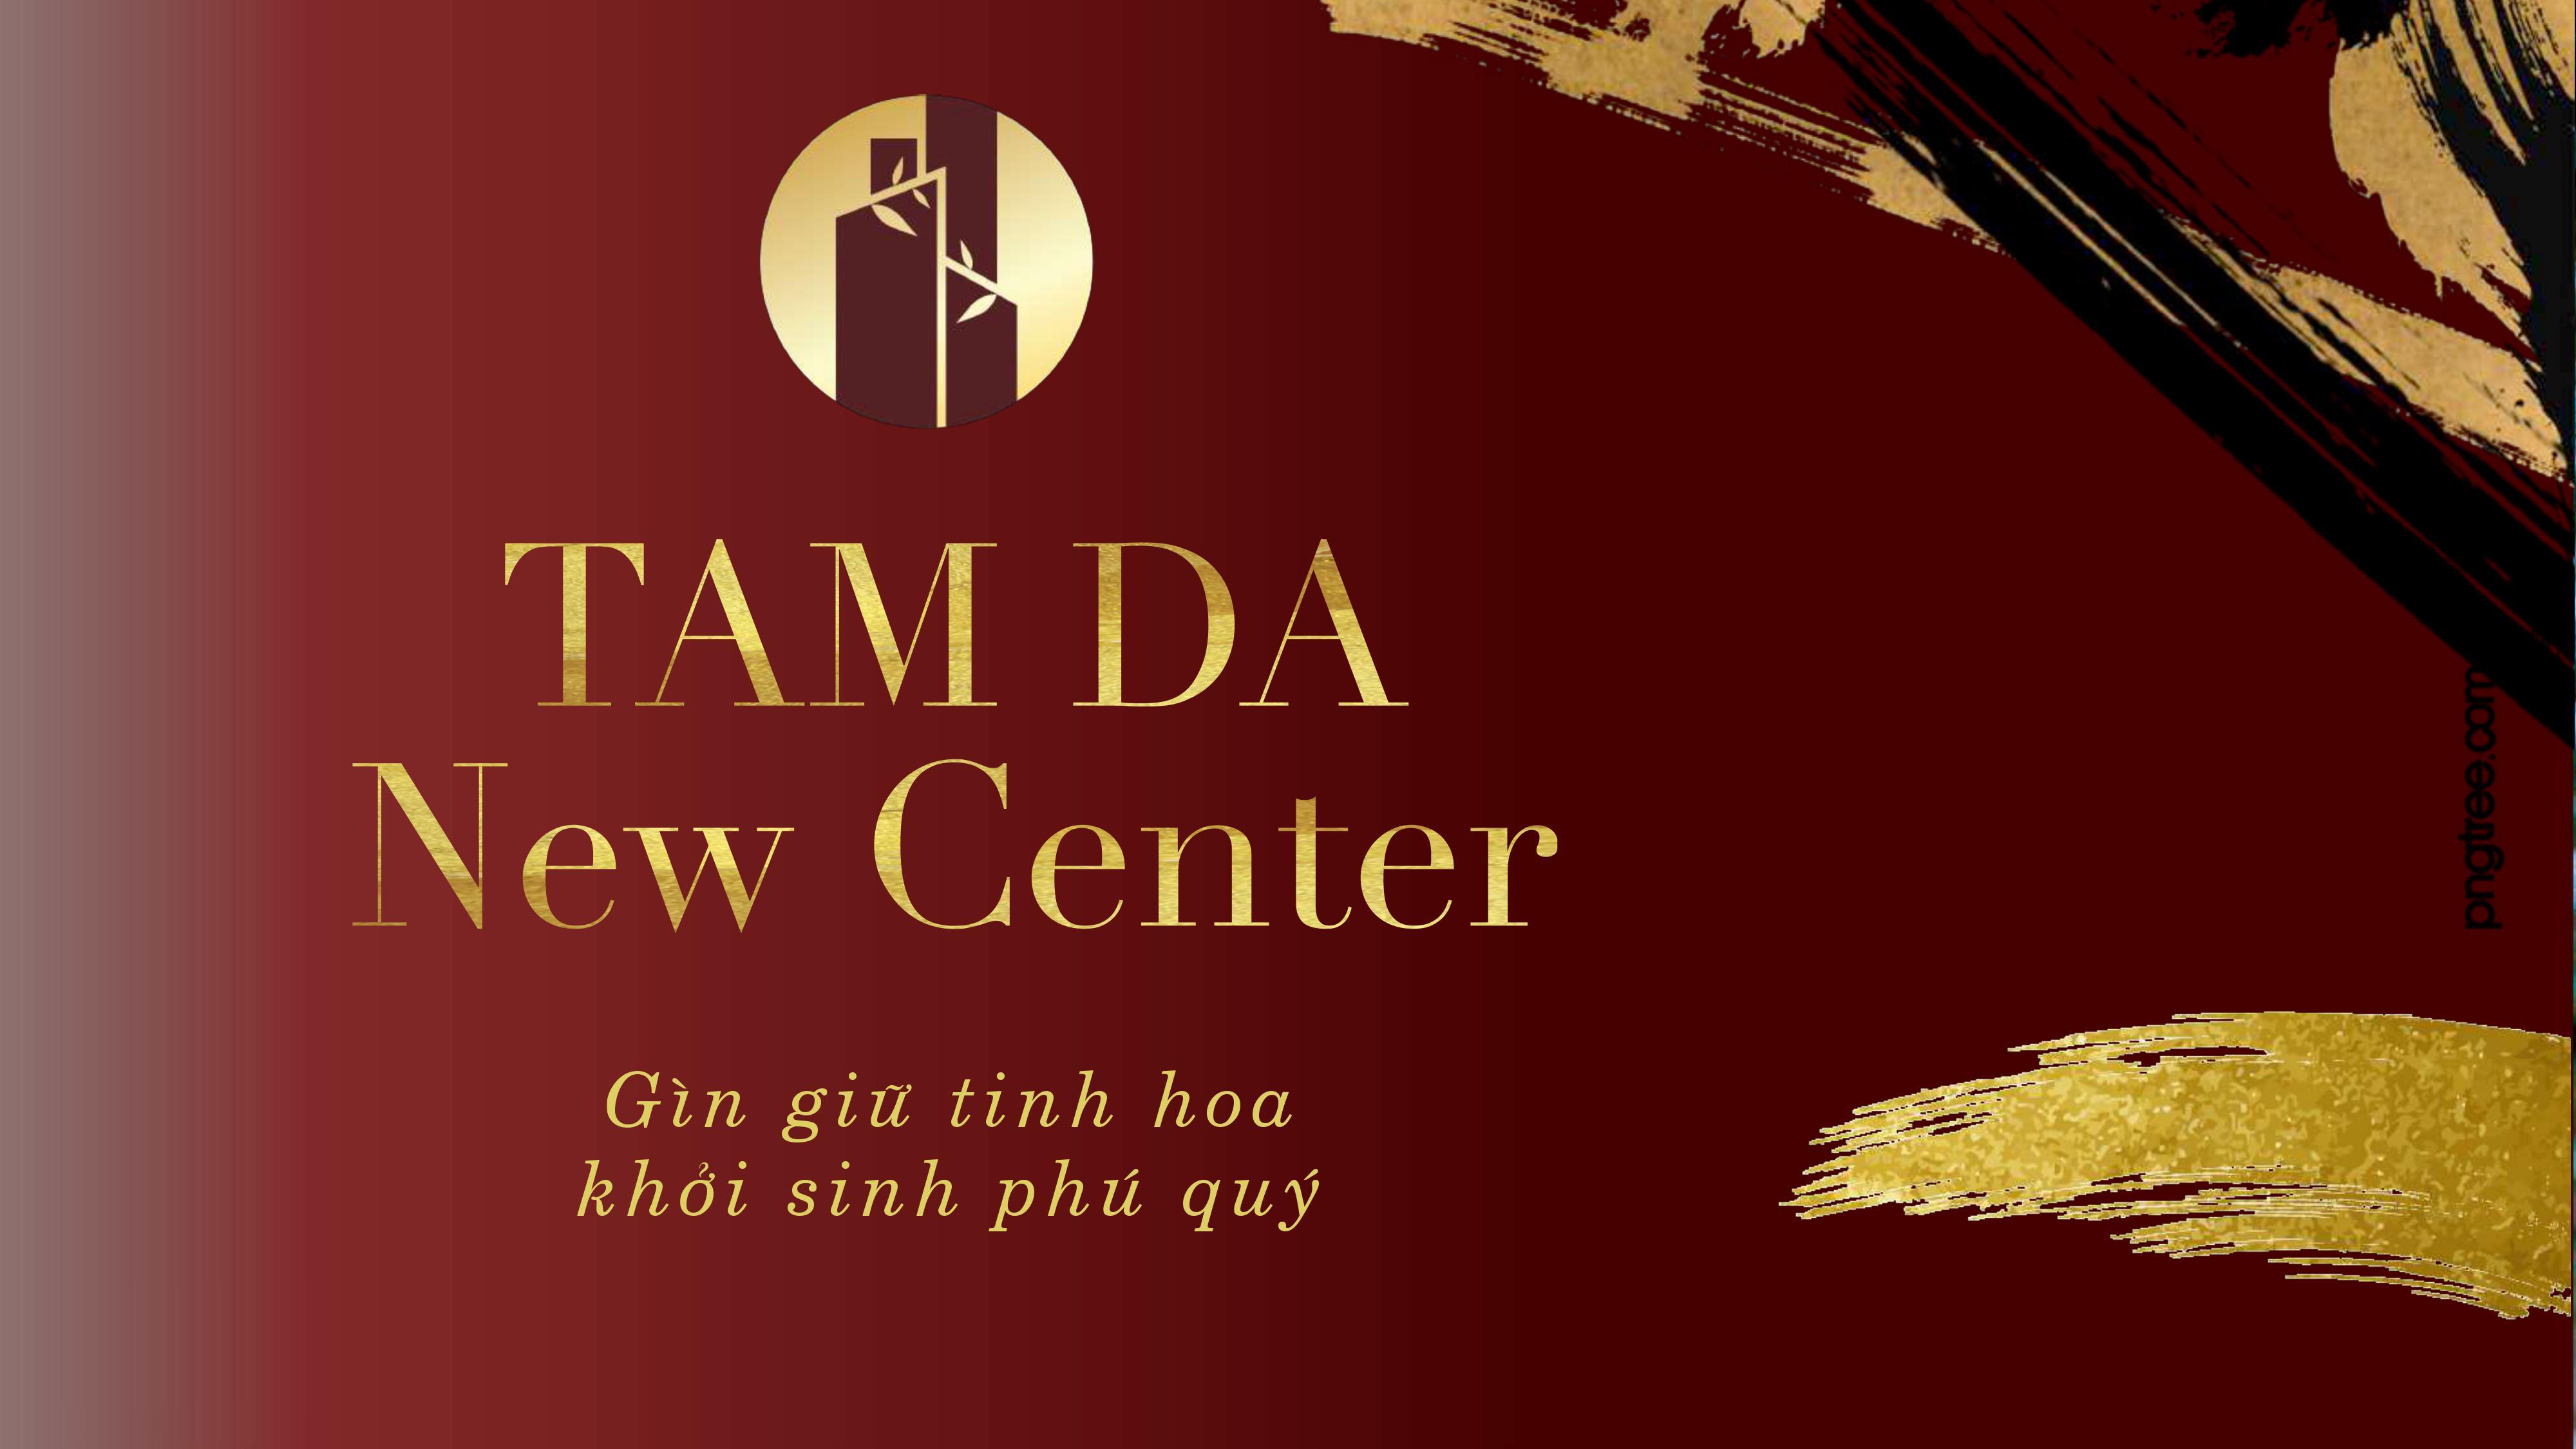 slogan tam đa new center